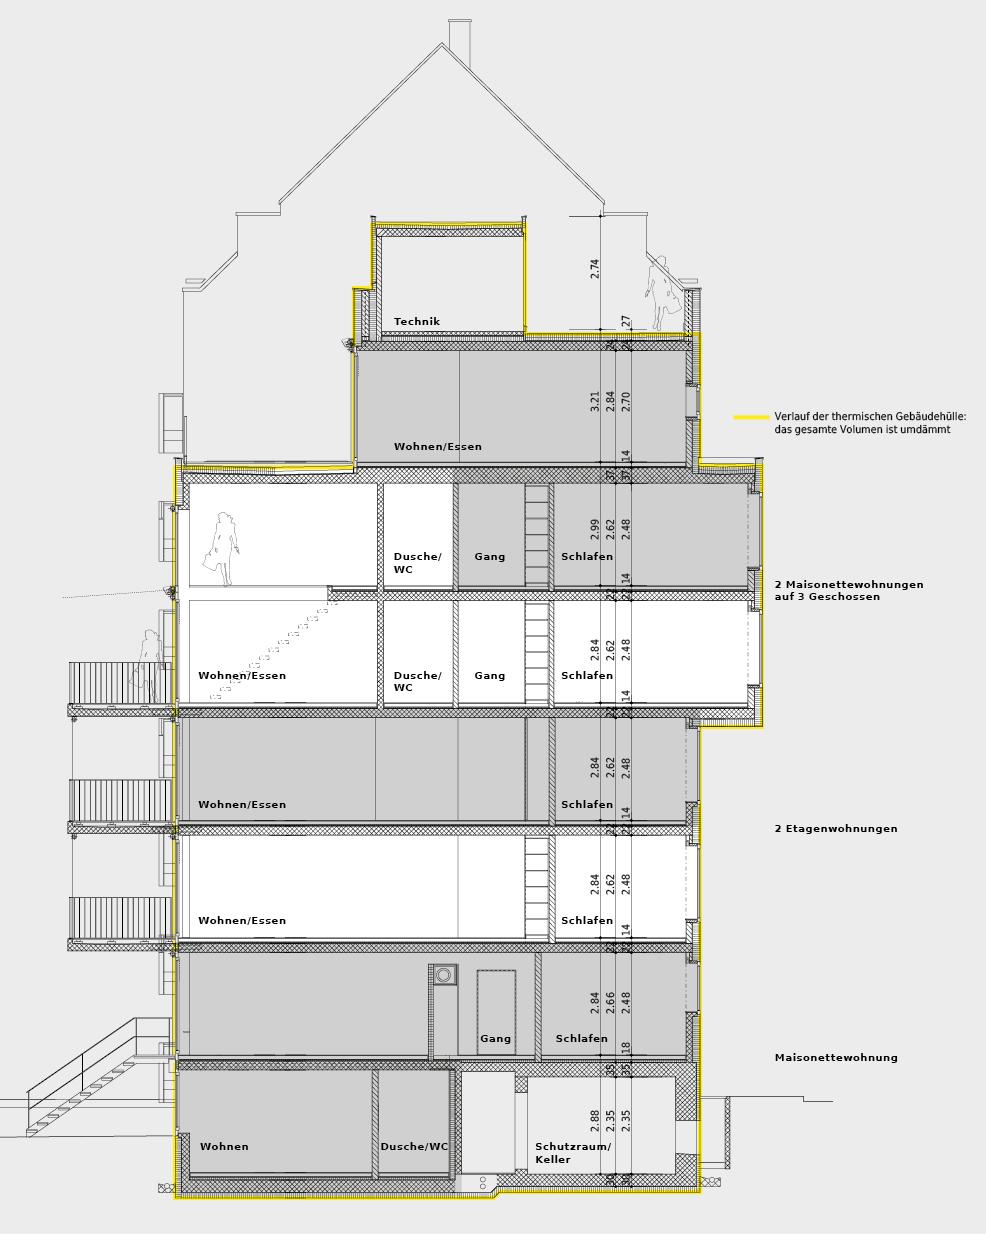 Der Gebäudeschnitt zeigt die Anordnung der fünf Wohnungen: Maisonettewohnung im Gartengeschoss und Hochparterre, zwei Etagenwohnungen und zwei Wohnungen, die sich die obersten drei Geschosse teilen.